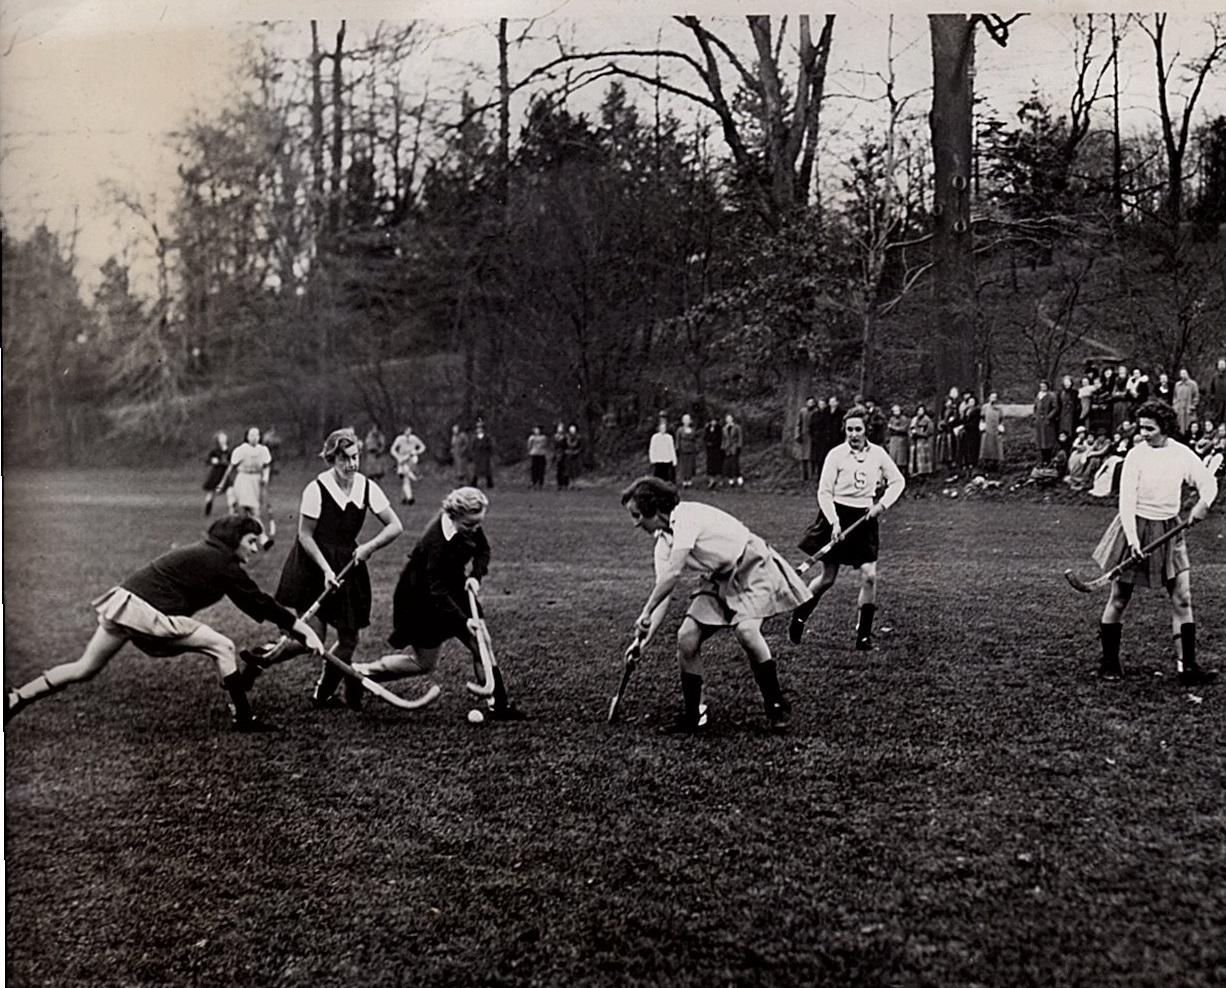 Swarthmore-vs-Bryn-Mawr-16-11-1935